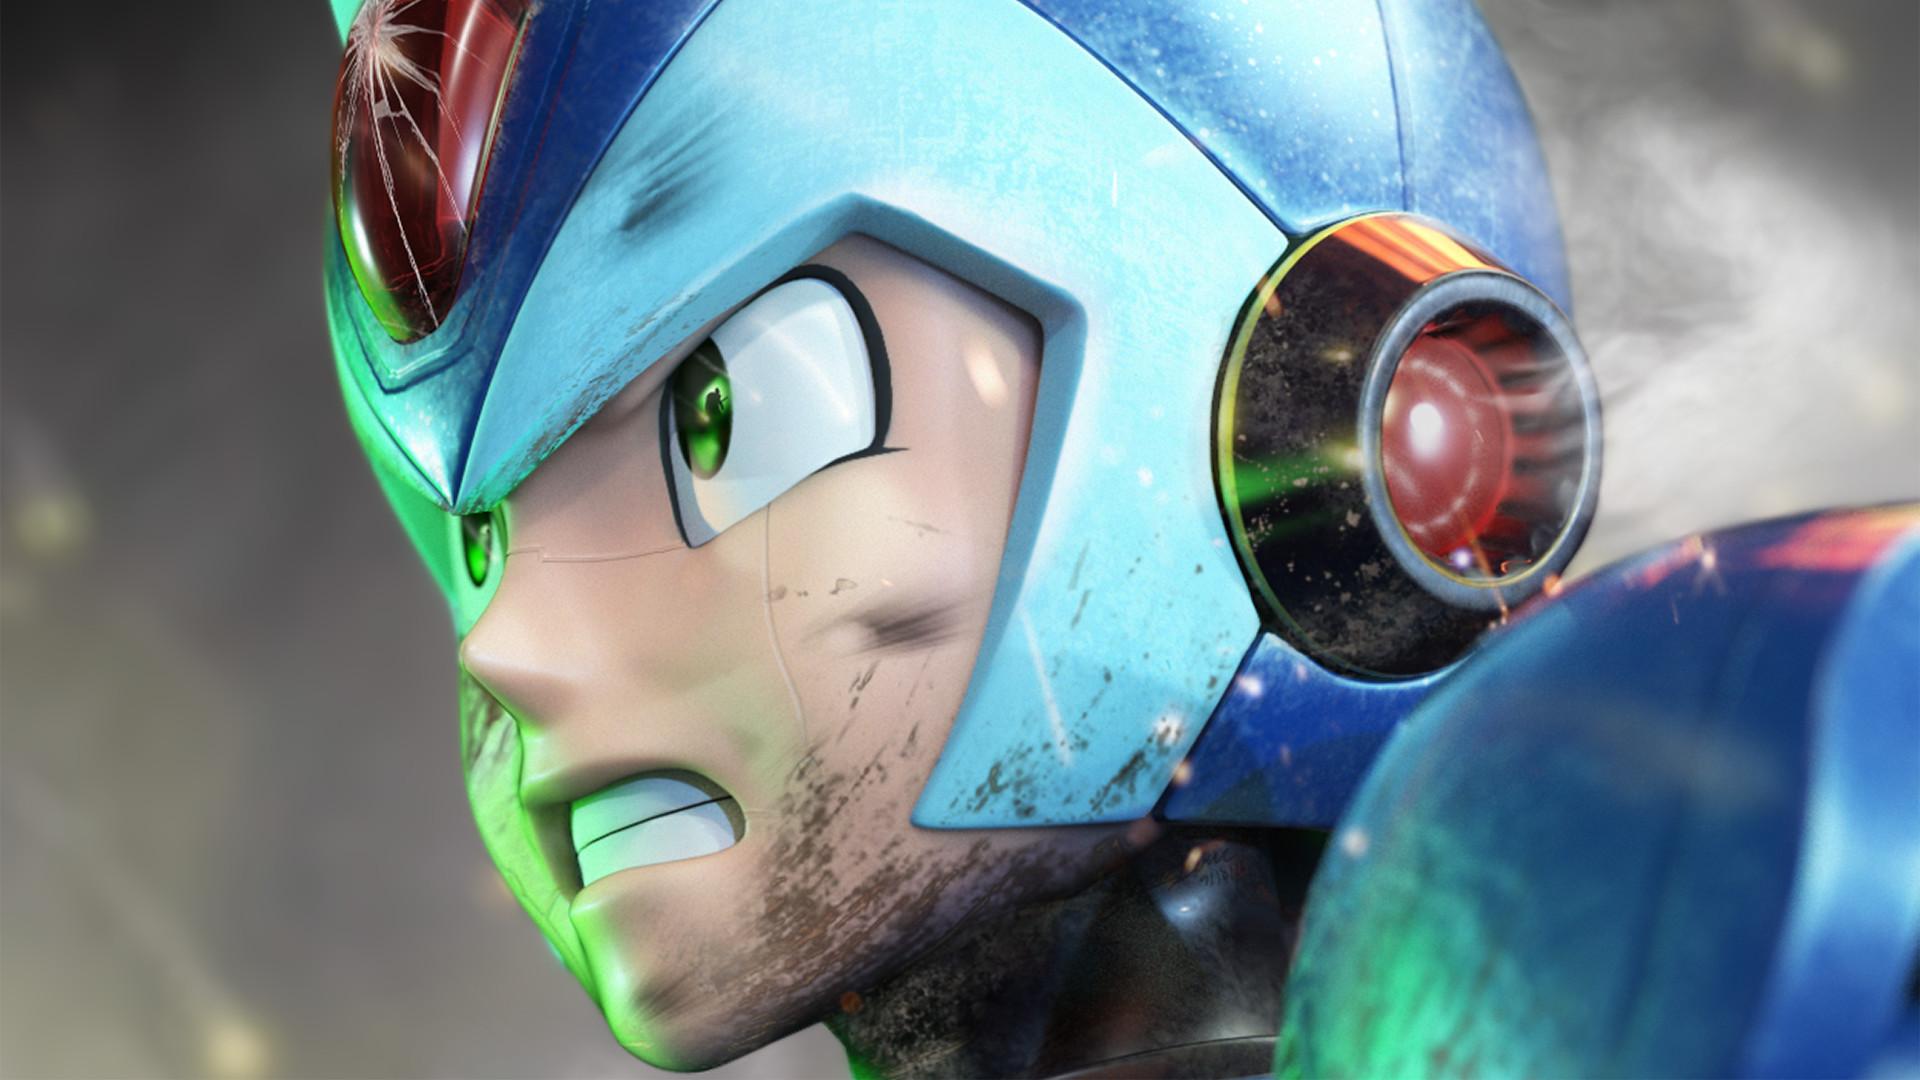 How To Get Helmet In Megaman X